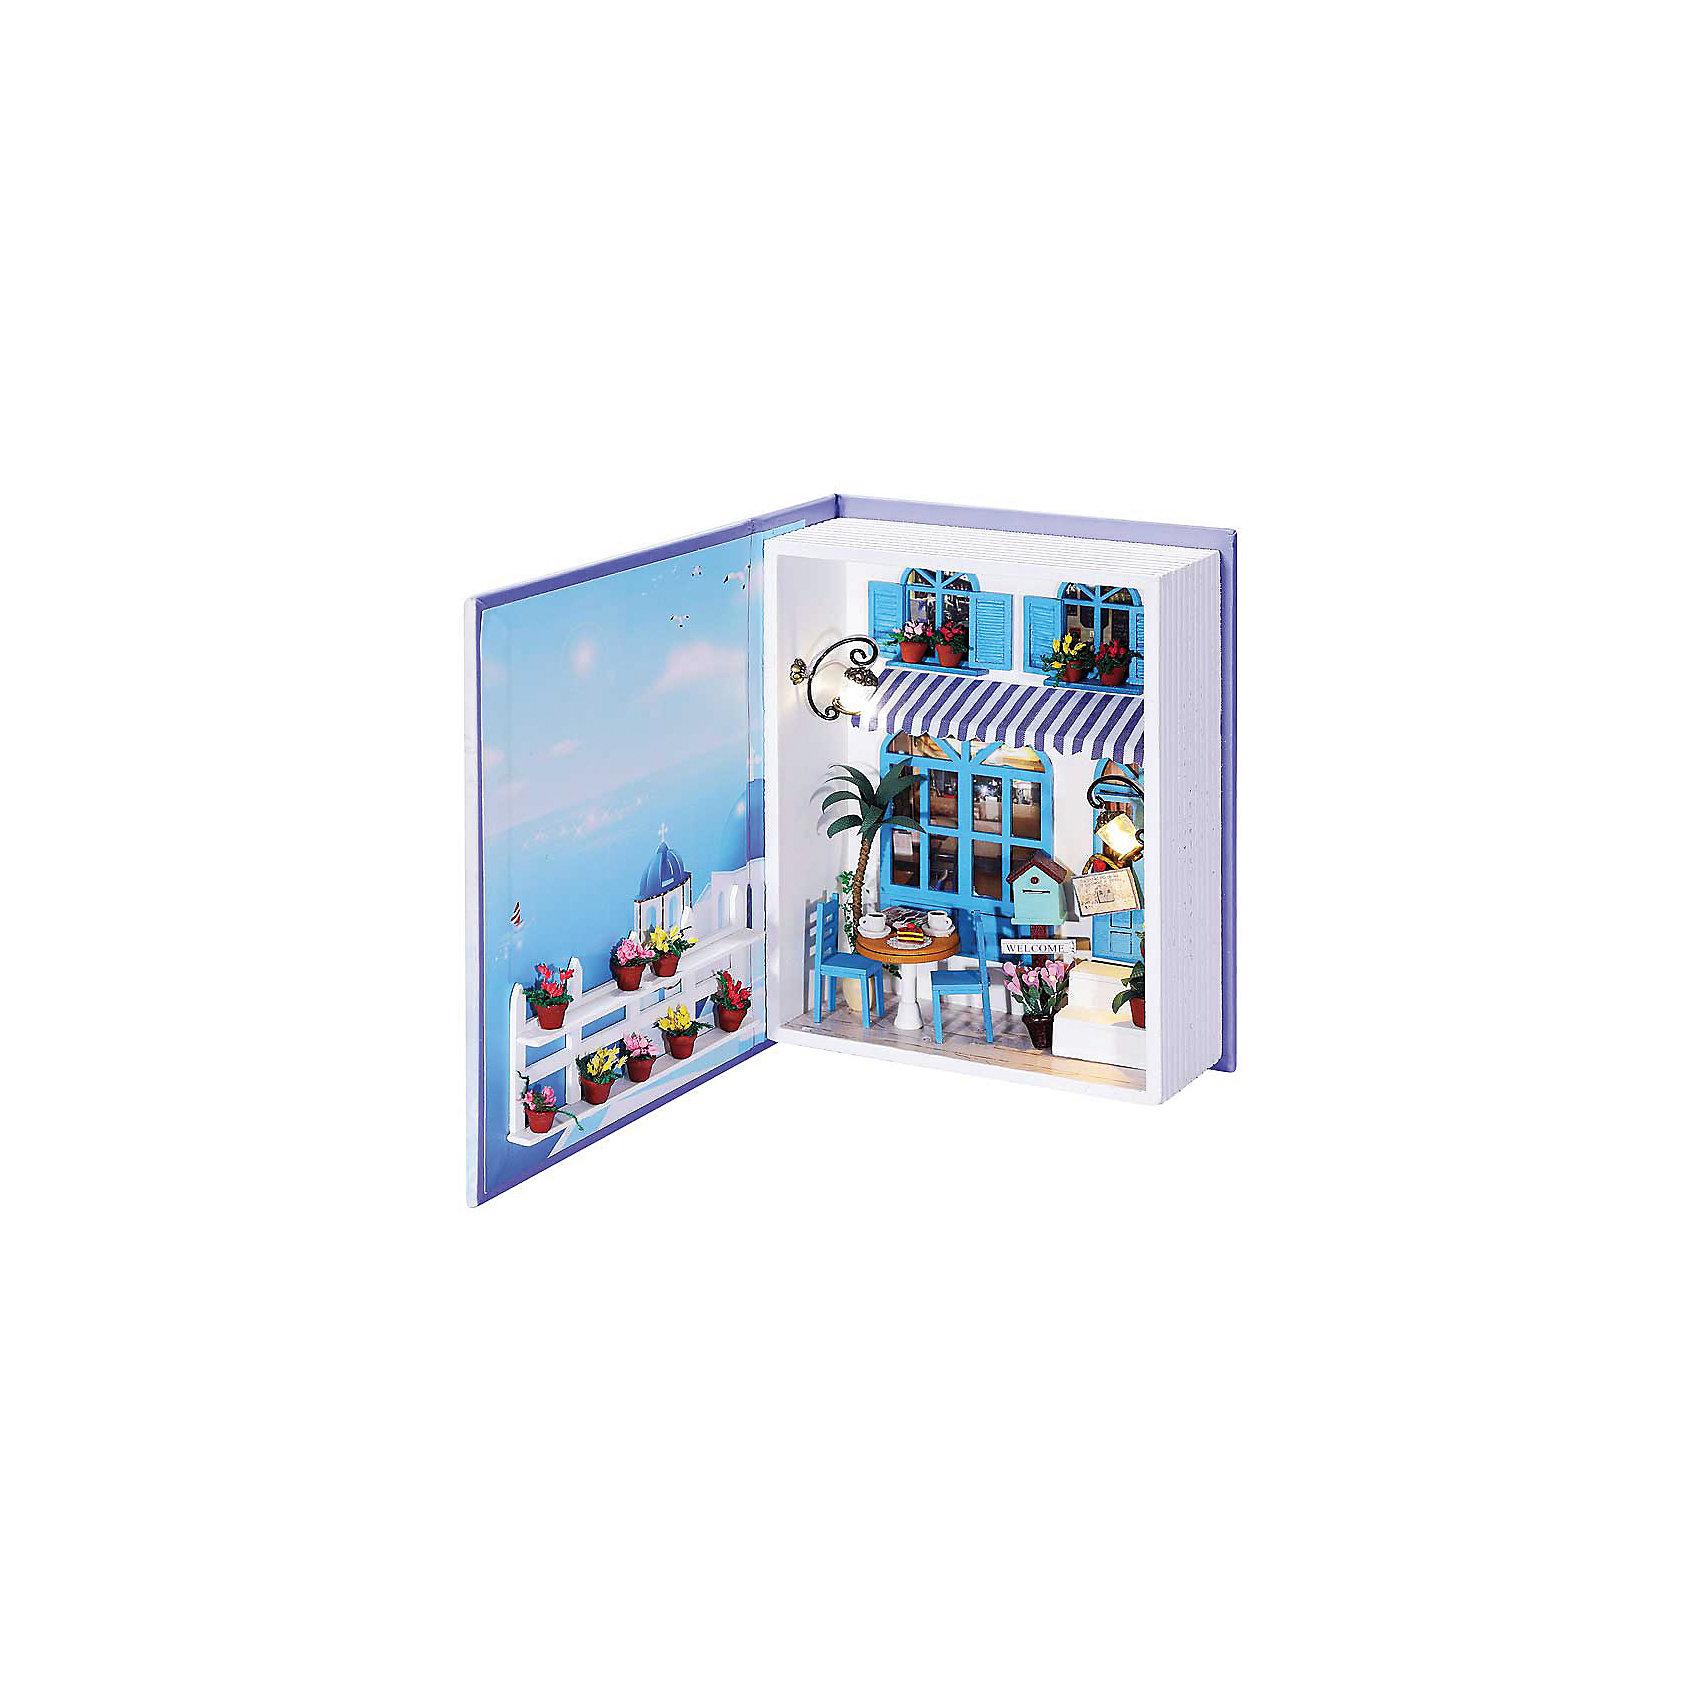 Набор для создания миниатюры Кафе в СанториниРукоделие<br>Набор для создания миниатюры Кафе в Санторини, Белоснежка.<br><br>Характеристики:<br><br>• содержит всё необходимое для создания миниатюры <br>• оригинальный дизайн: книжка-коробочка<br>• в комплекте: основа для миниатюры, клей, ножницы, пинцет, детали интерьера, диодное освещение, пошаговая инструкция. <br>• размер: 15х6х20 см<br><br>Скрапбукинг - интересное и увлекательное занятие. Вы можете создавать красивые детали для украшения интерьера своими руками. Набор Кафе в Санторини содержит всё необходимое для творчества: элементы декора, мебель и даже фонарик никого не оставят равнодушными. Удобные инструменты и пошаговая инструкция помогут не ошибиться в процессе творчества. Все детали разложены в отдельные пакеты. Готовую книгу можно хранить как в открытом, так и в закрытом виде. Готовую миниатюру можно преподнести в подарок или украсить ею свой комнату.<br><br>Набор для создания миниатюры Кафе в Санторини вы можете купить в нашем интернет-магазине.<br><br>Ширина мм: 200<br>Глубина мм: 150<br>Высота мм: 60<br>Вес г: 623<br>Возраст от месяцев: 72<br>Возраст до месяцев: 144<br>Пол: Женский<br>Возраст: Детский<br>SKU: 5089785